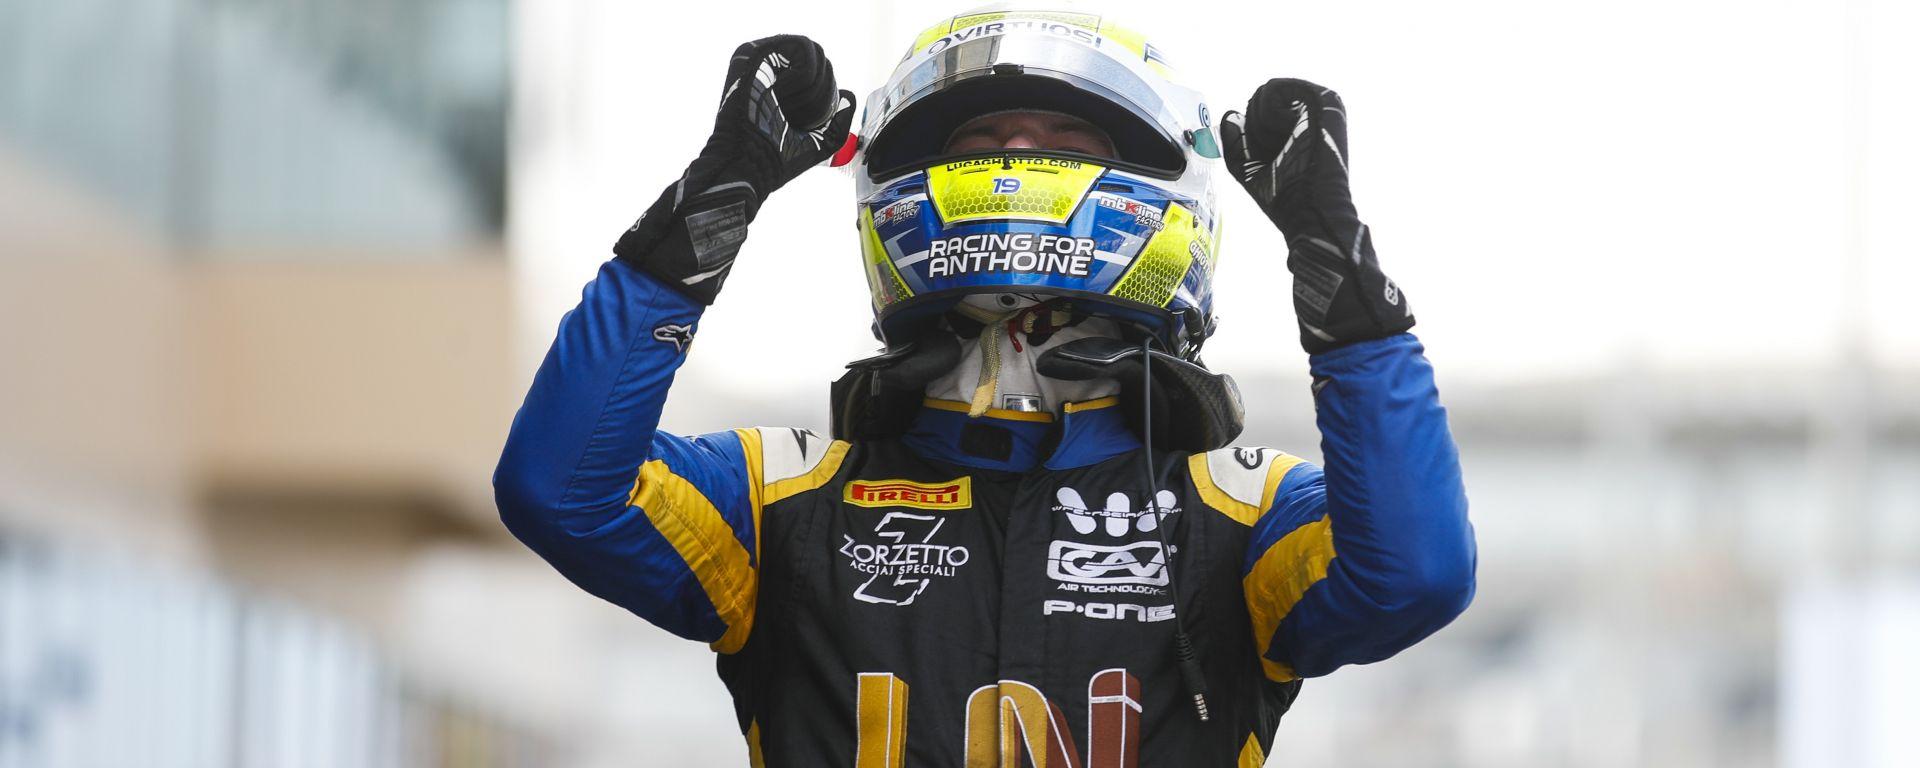 F2 GP Abu Dhabi 2019, Yas Marina: Luca Ghiotto (Uni-Virtuosi)